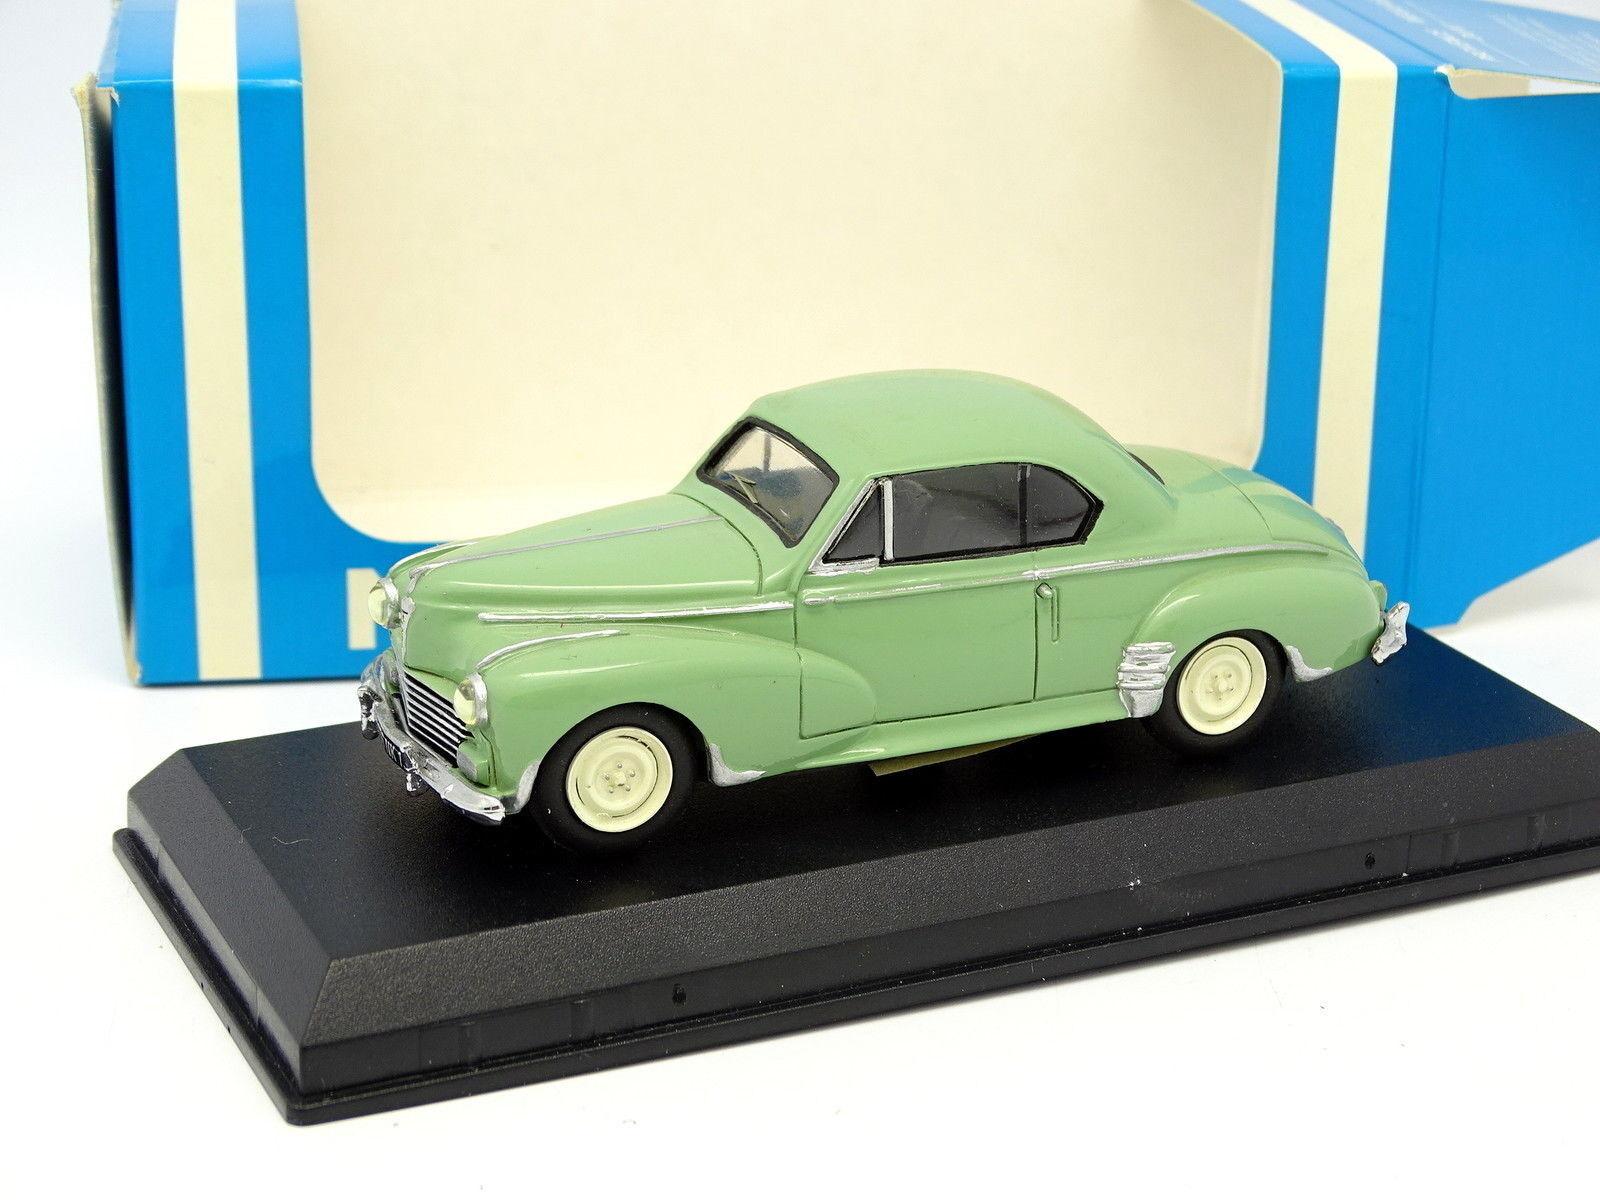 el mejor servicio post-venta Estrellater N7 Provence Resina 1 43 - Peugeot 203 203 203 Coupe verde 1953  Hay más marcas de productos de alta calidad.